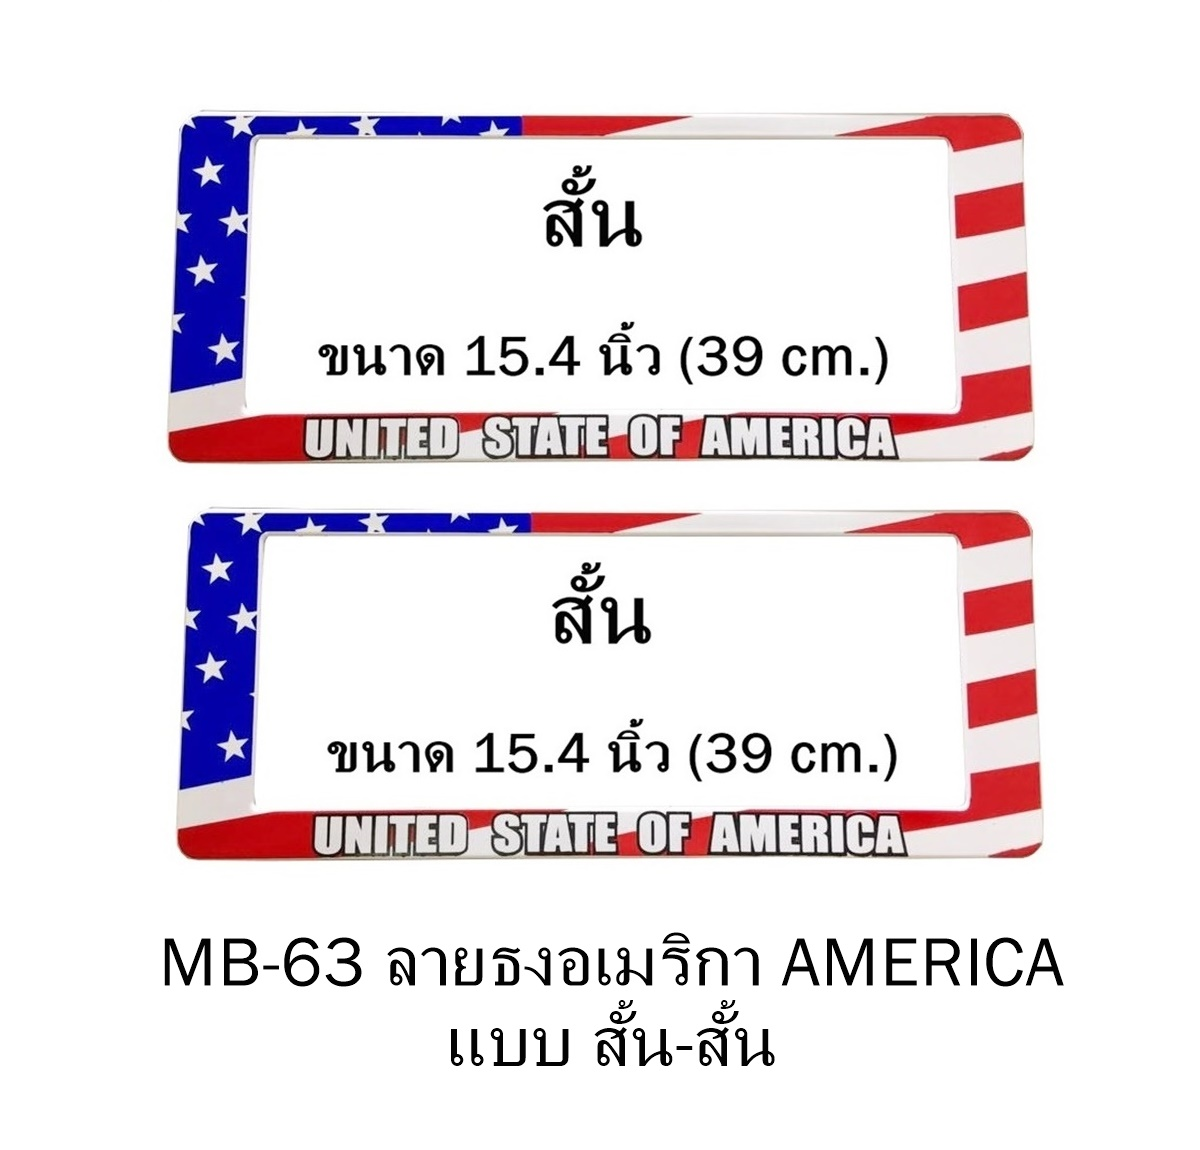 กรอบป้ายทะเบียนรถยนต์กันน้ำ MB-63 USA FLAG ธงชาติอเมริกา ลายพราง สั้น-สั้น ระบบล็อค8จุด อะไหล่ครบ